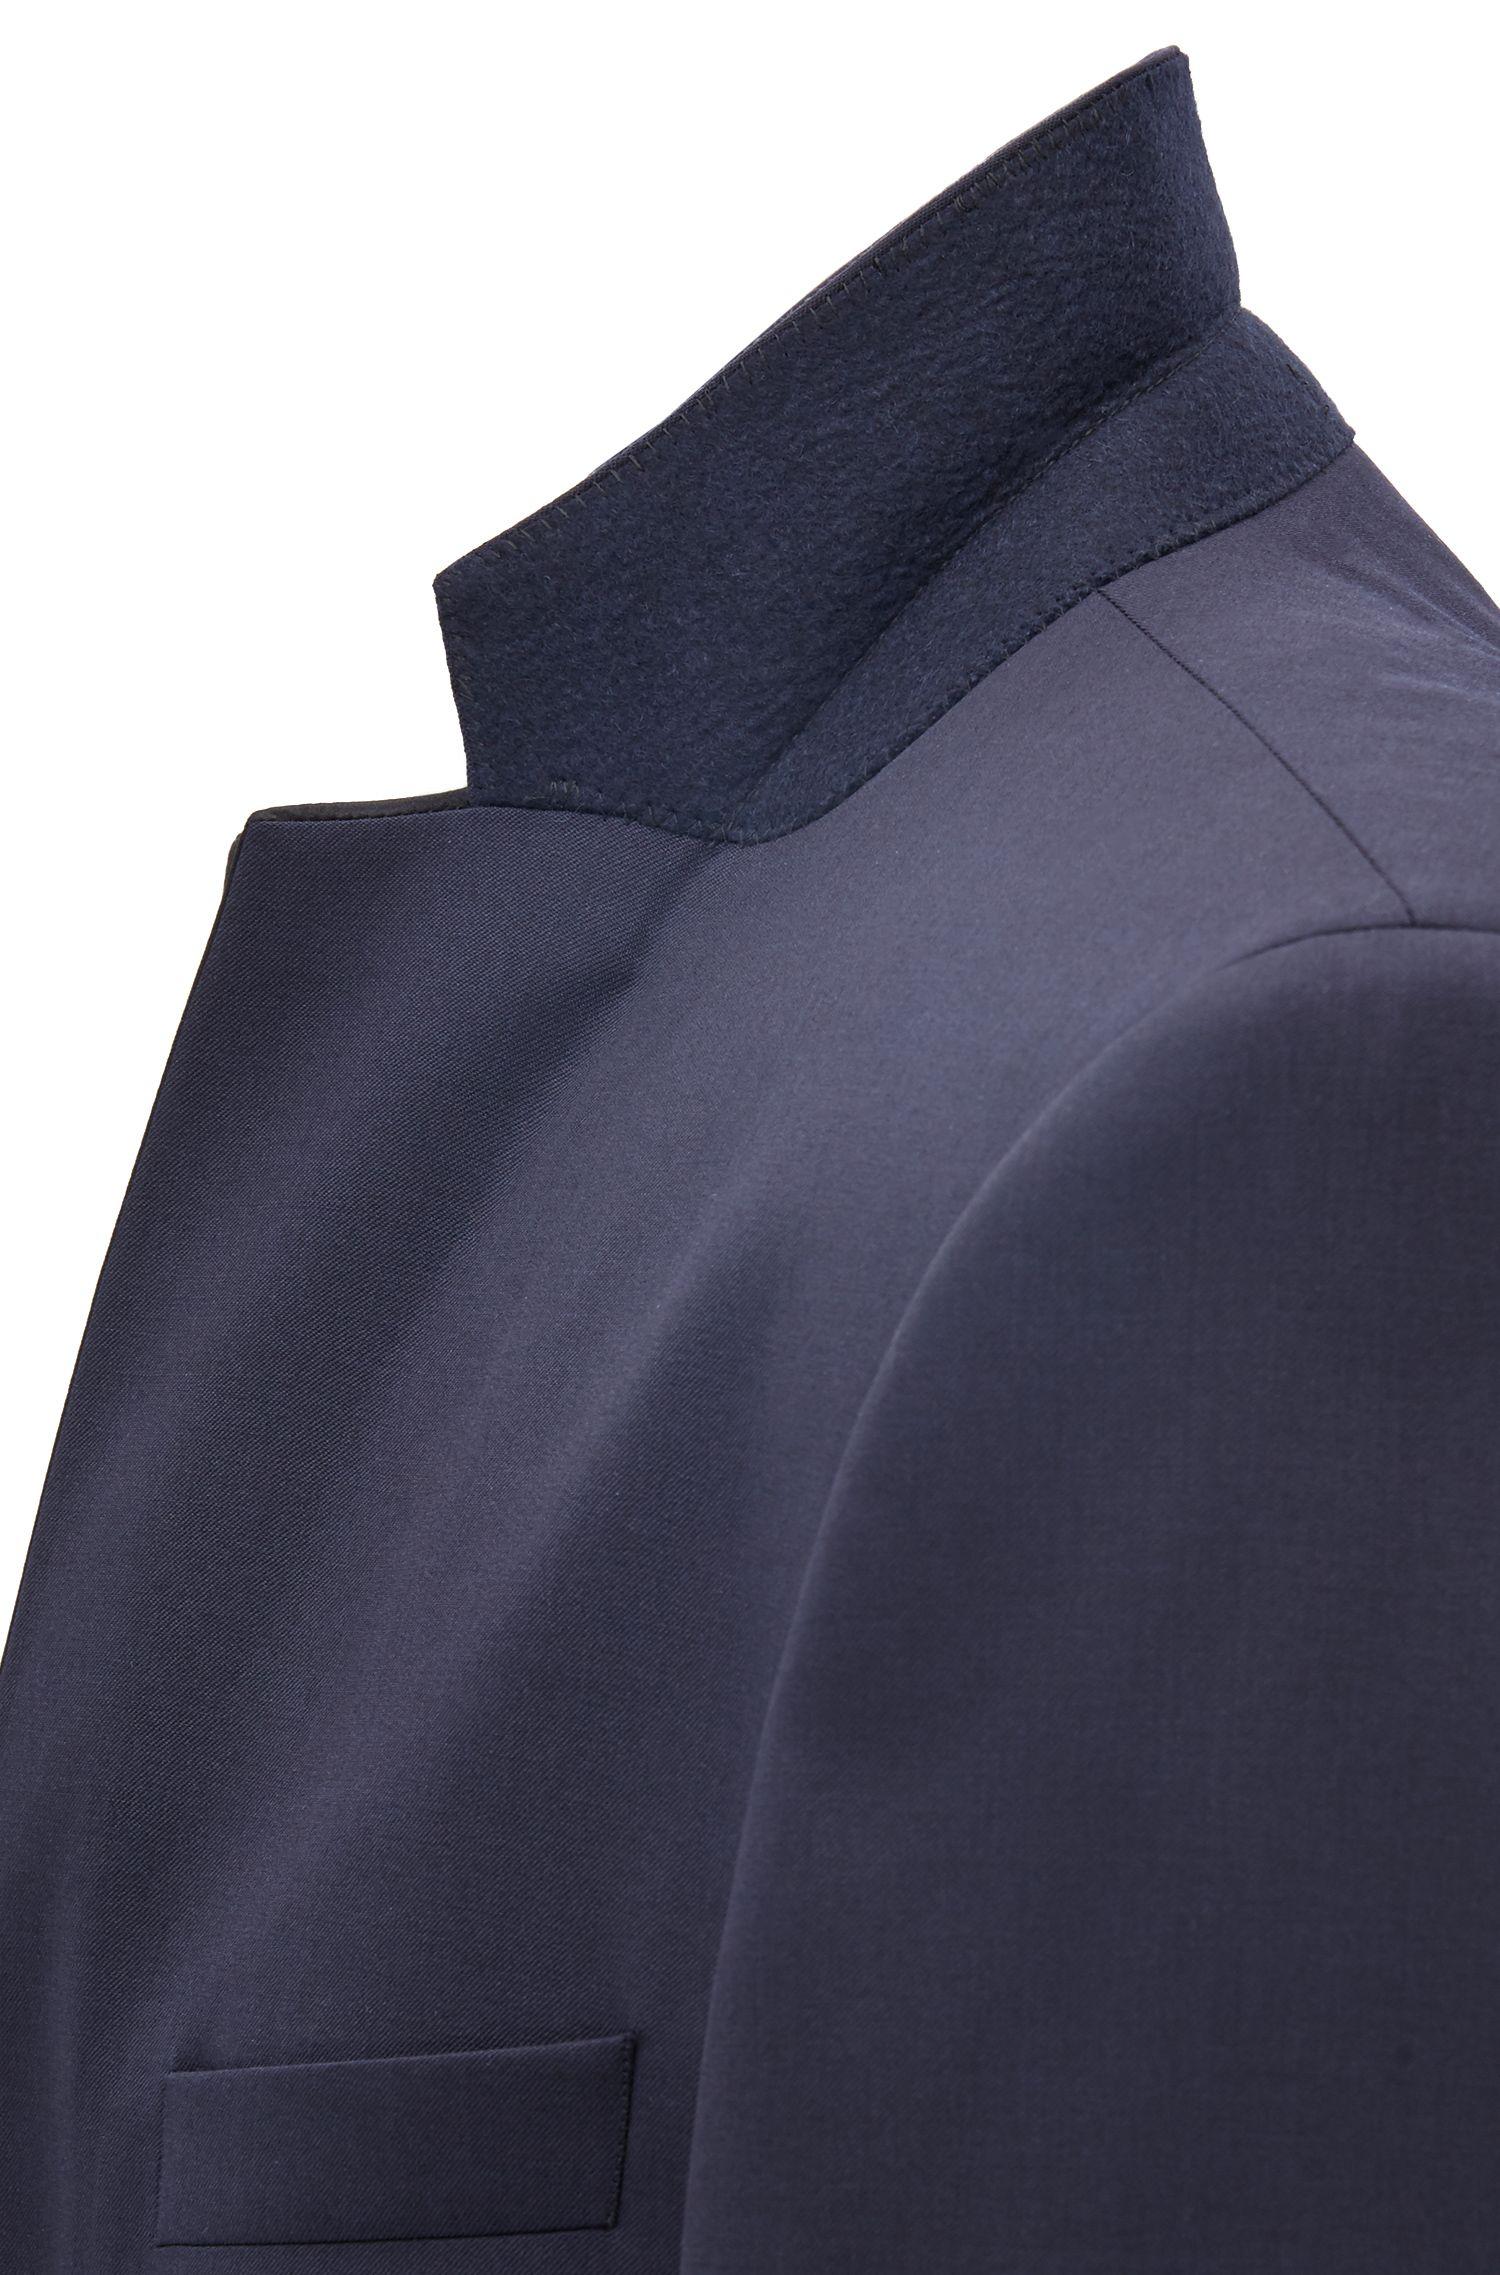 Veste Slim Fit en laine vierge agrémentée de soie